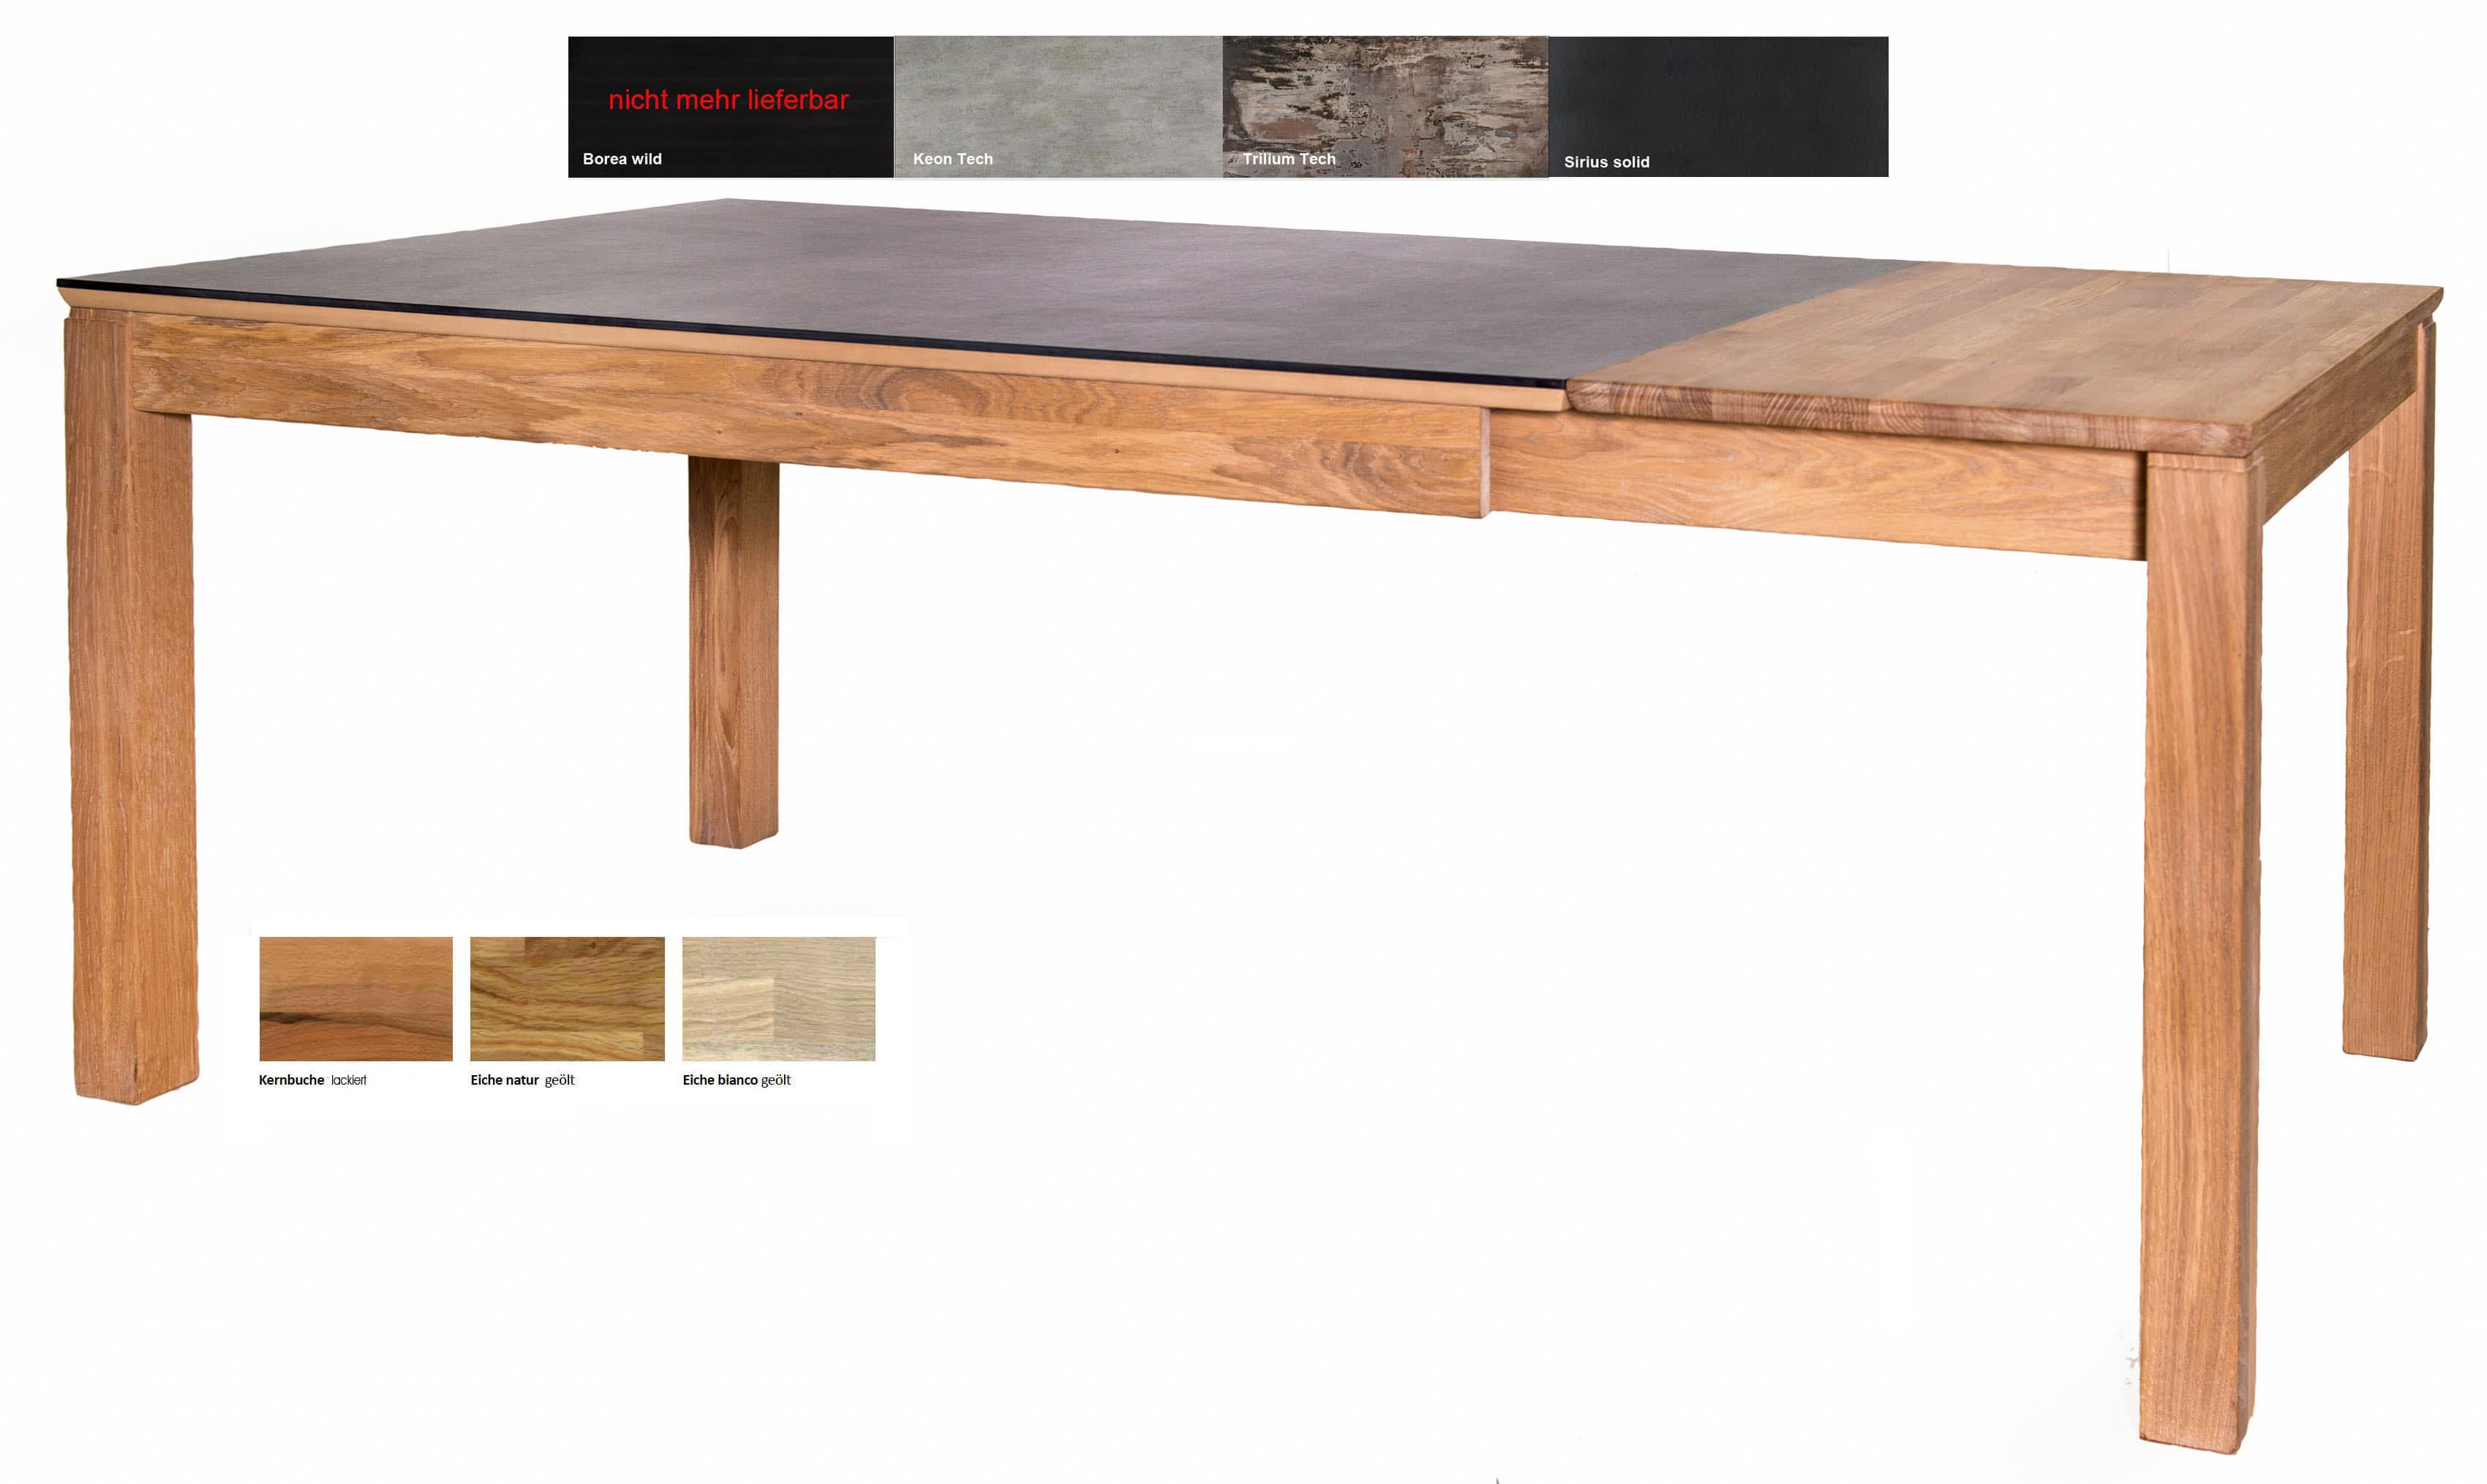 Standard Furniture Fano Massivholztisch eiche ausziehbar mit Dektonplatte